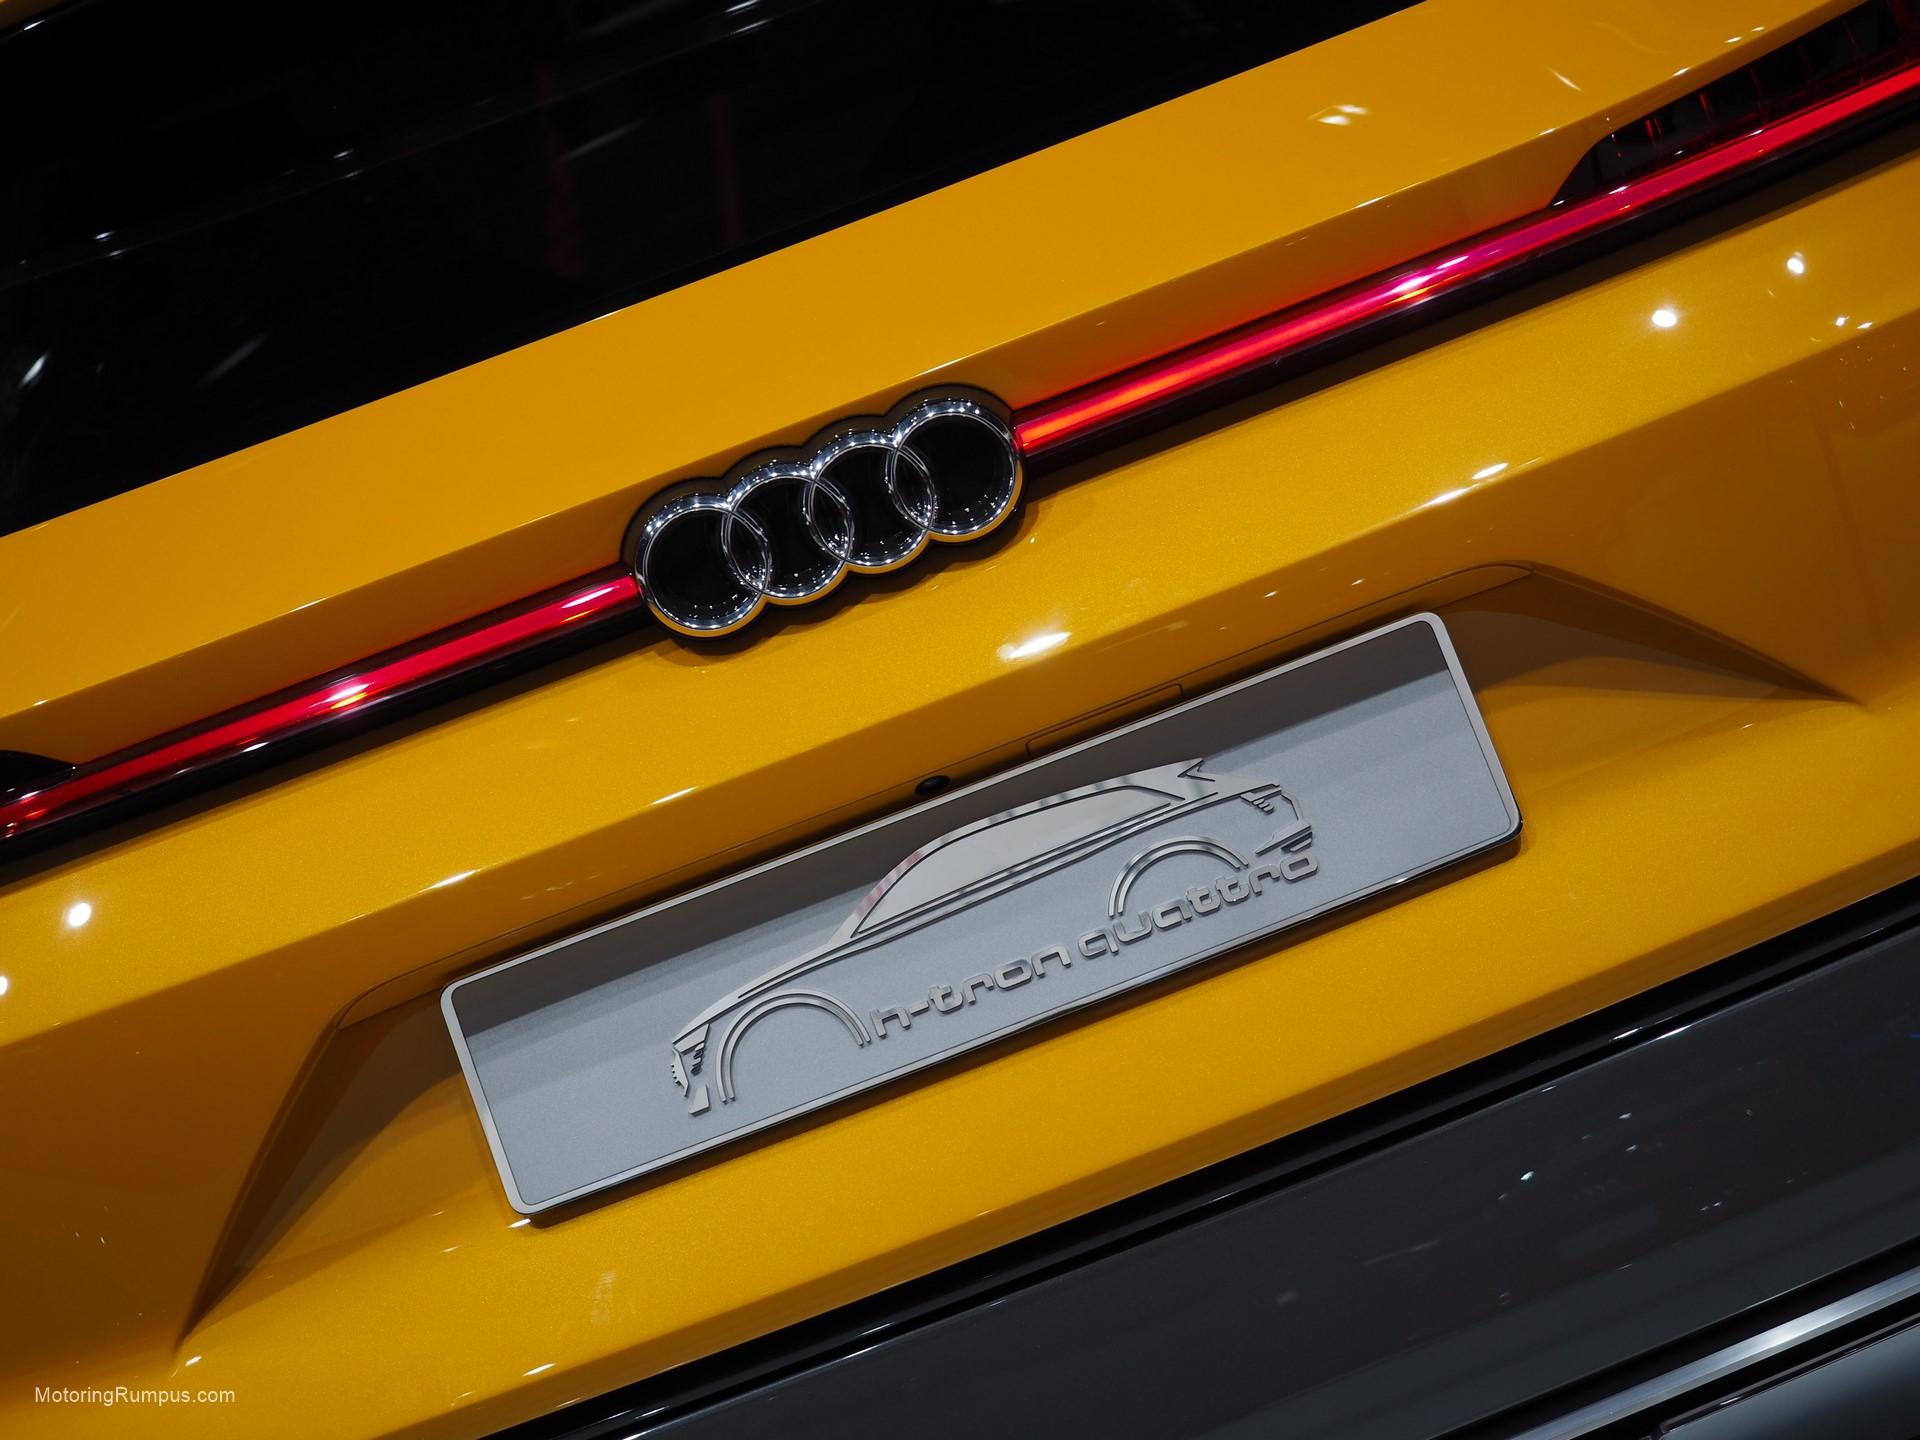 2016 Naias Audi H Tron Quattro Concept Tailgate Motoring